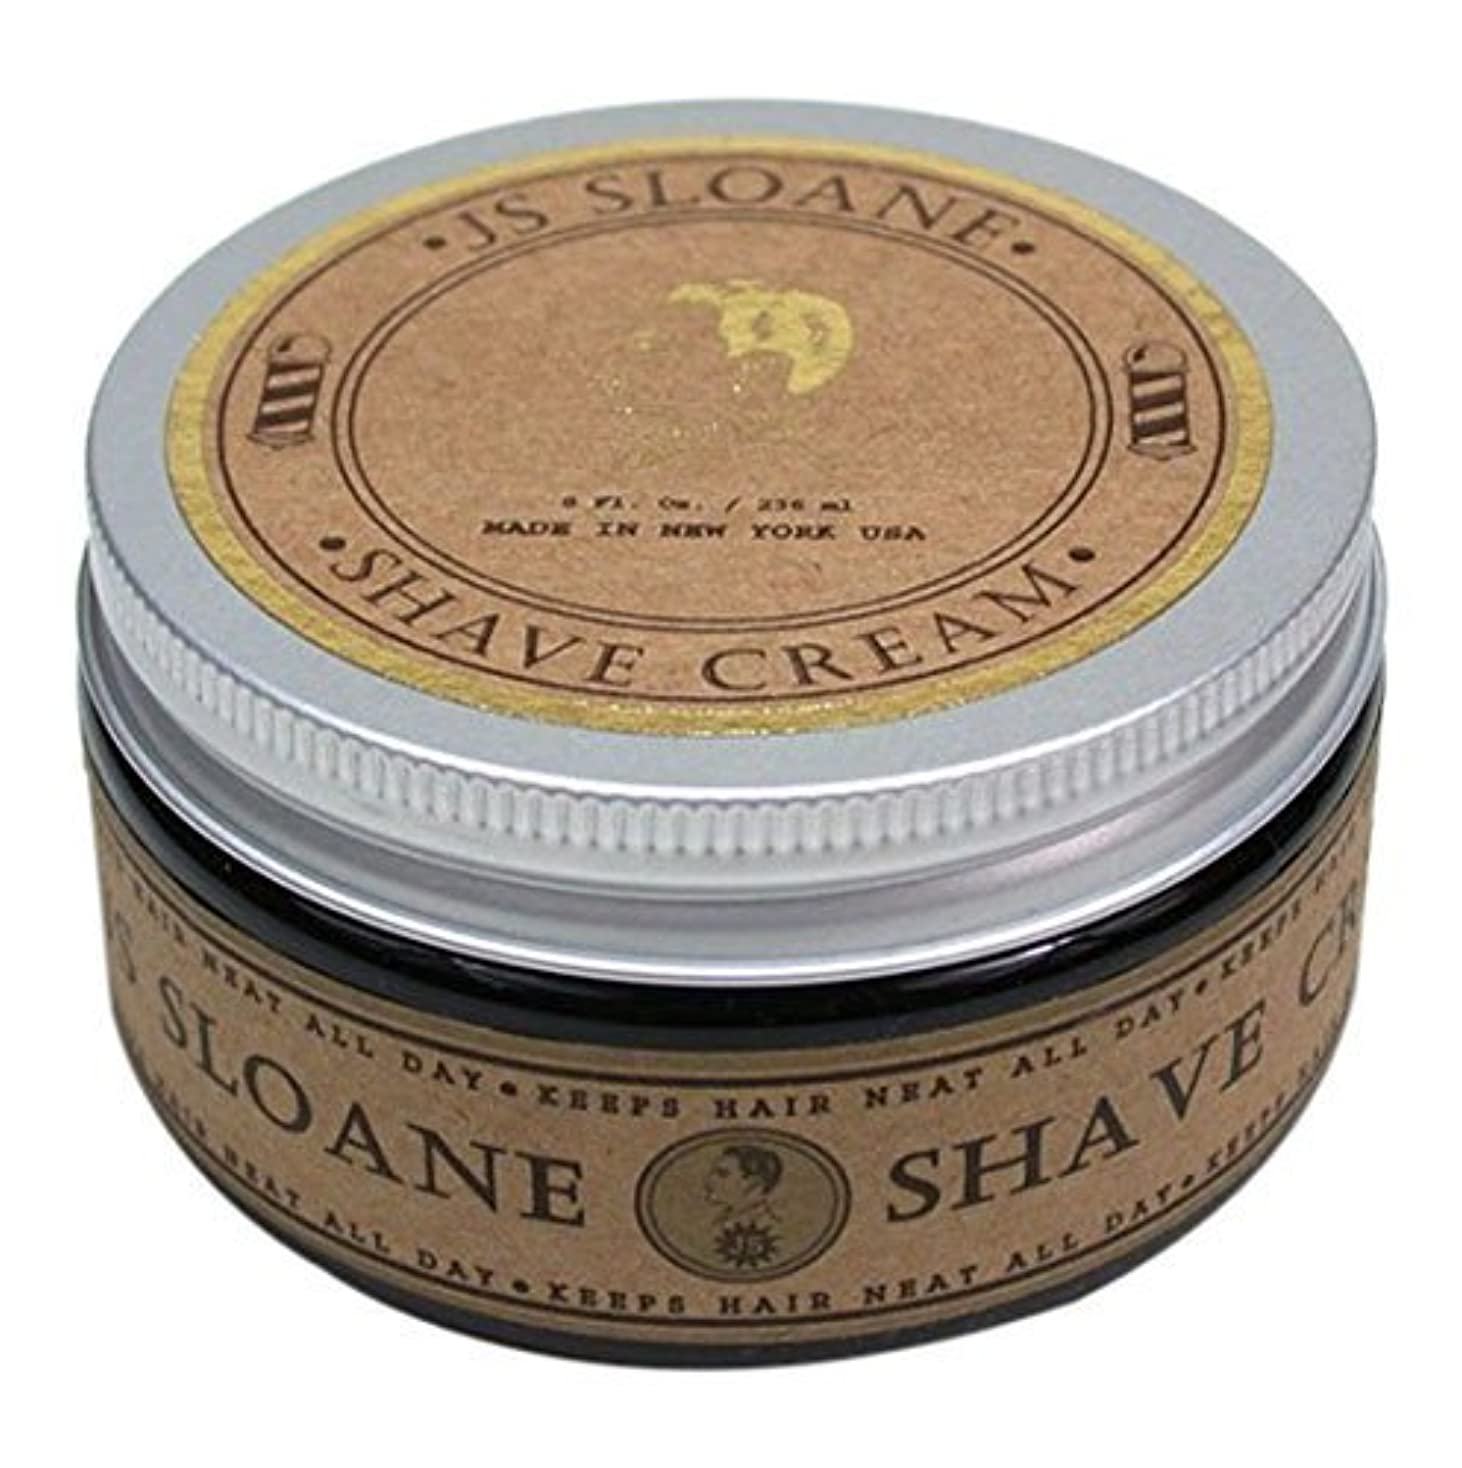 有望衝突コースホストJS Sloane ジェントルマンズ シェーブクリーム / Gentlemen's Shave Cream , 8oz (236mL)